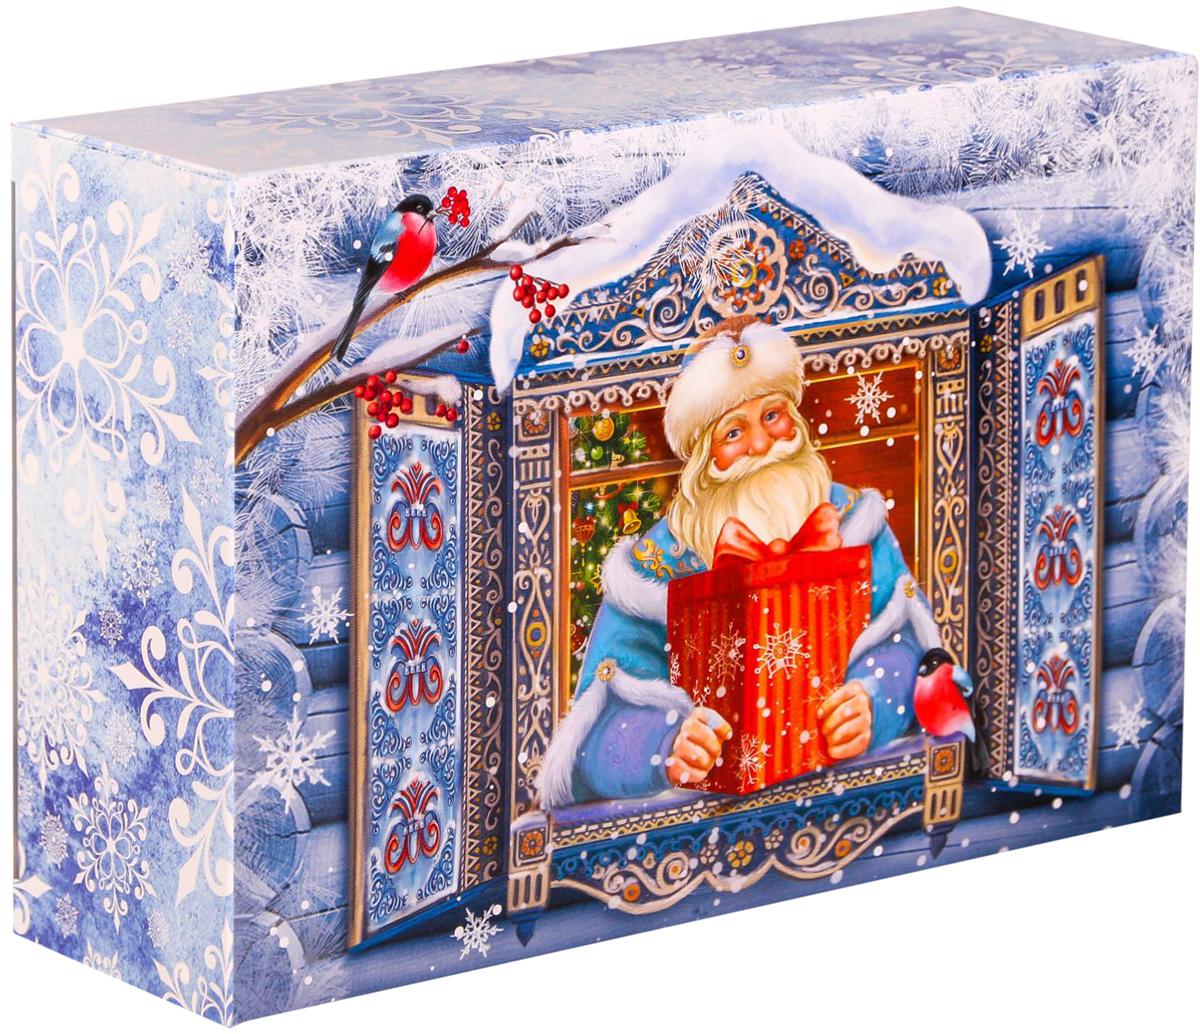 Коробка складная Дарите счастье Окно в сказку, 16 х 23 х 7,5 см2450827Любой подарок начинается с упаковки. Что может быть трогательнее и волшебнее, чем ритуал разворачивания полученного презента. И именно оригинальная, со вкусом выбранная упаковка выделит ваш подарок из массы других. Она продемонстрирует самые теплые чувства к виновнику торжества и создаст сказочную атмосферу праздника.